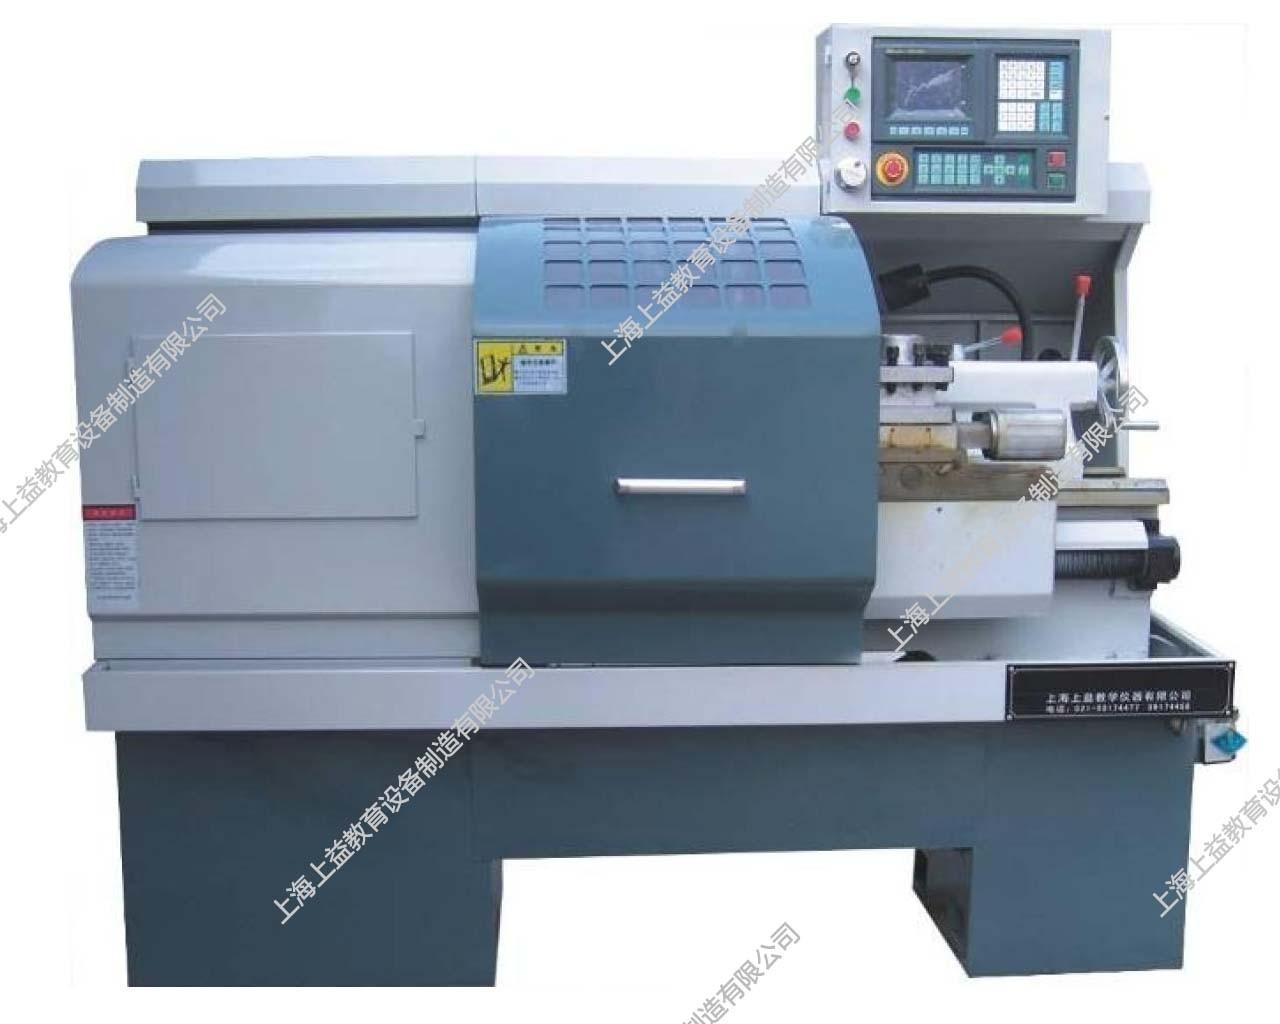 SYSKS-6140教学/生产两用型数控车床